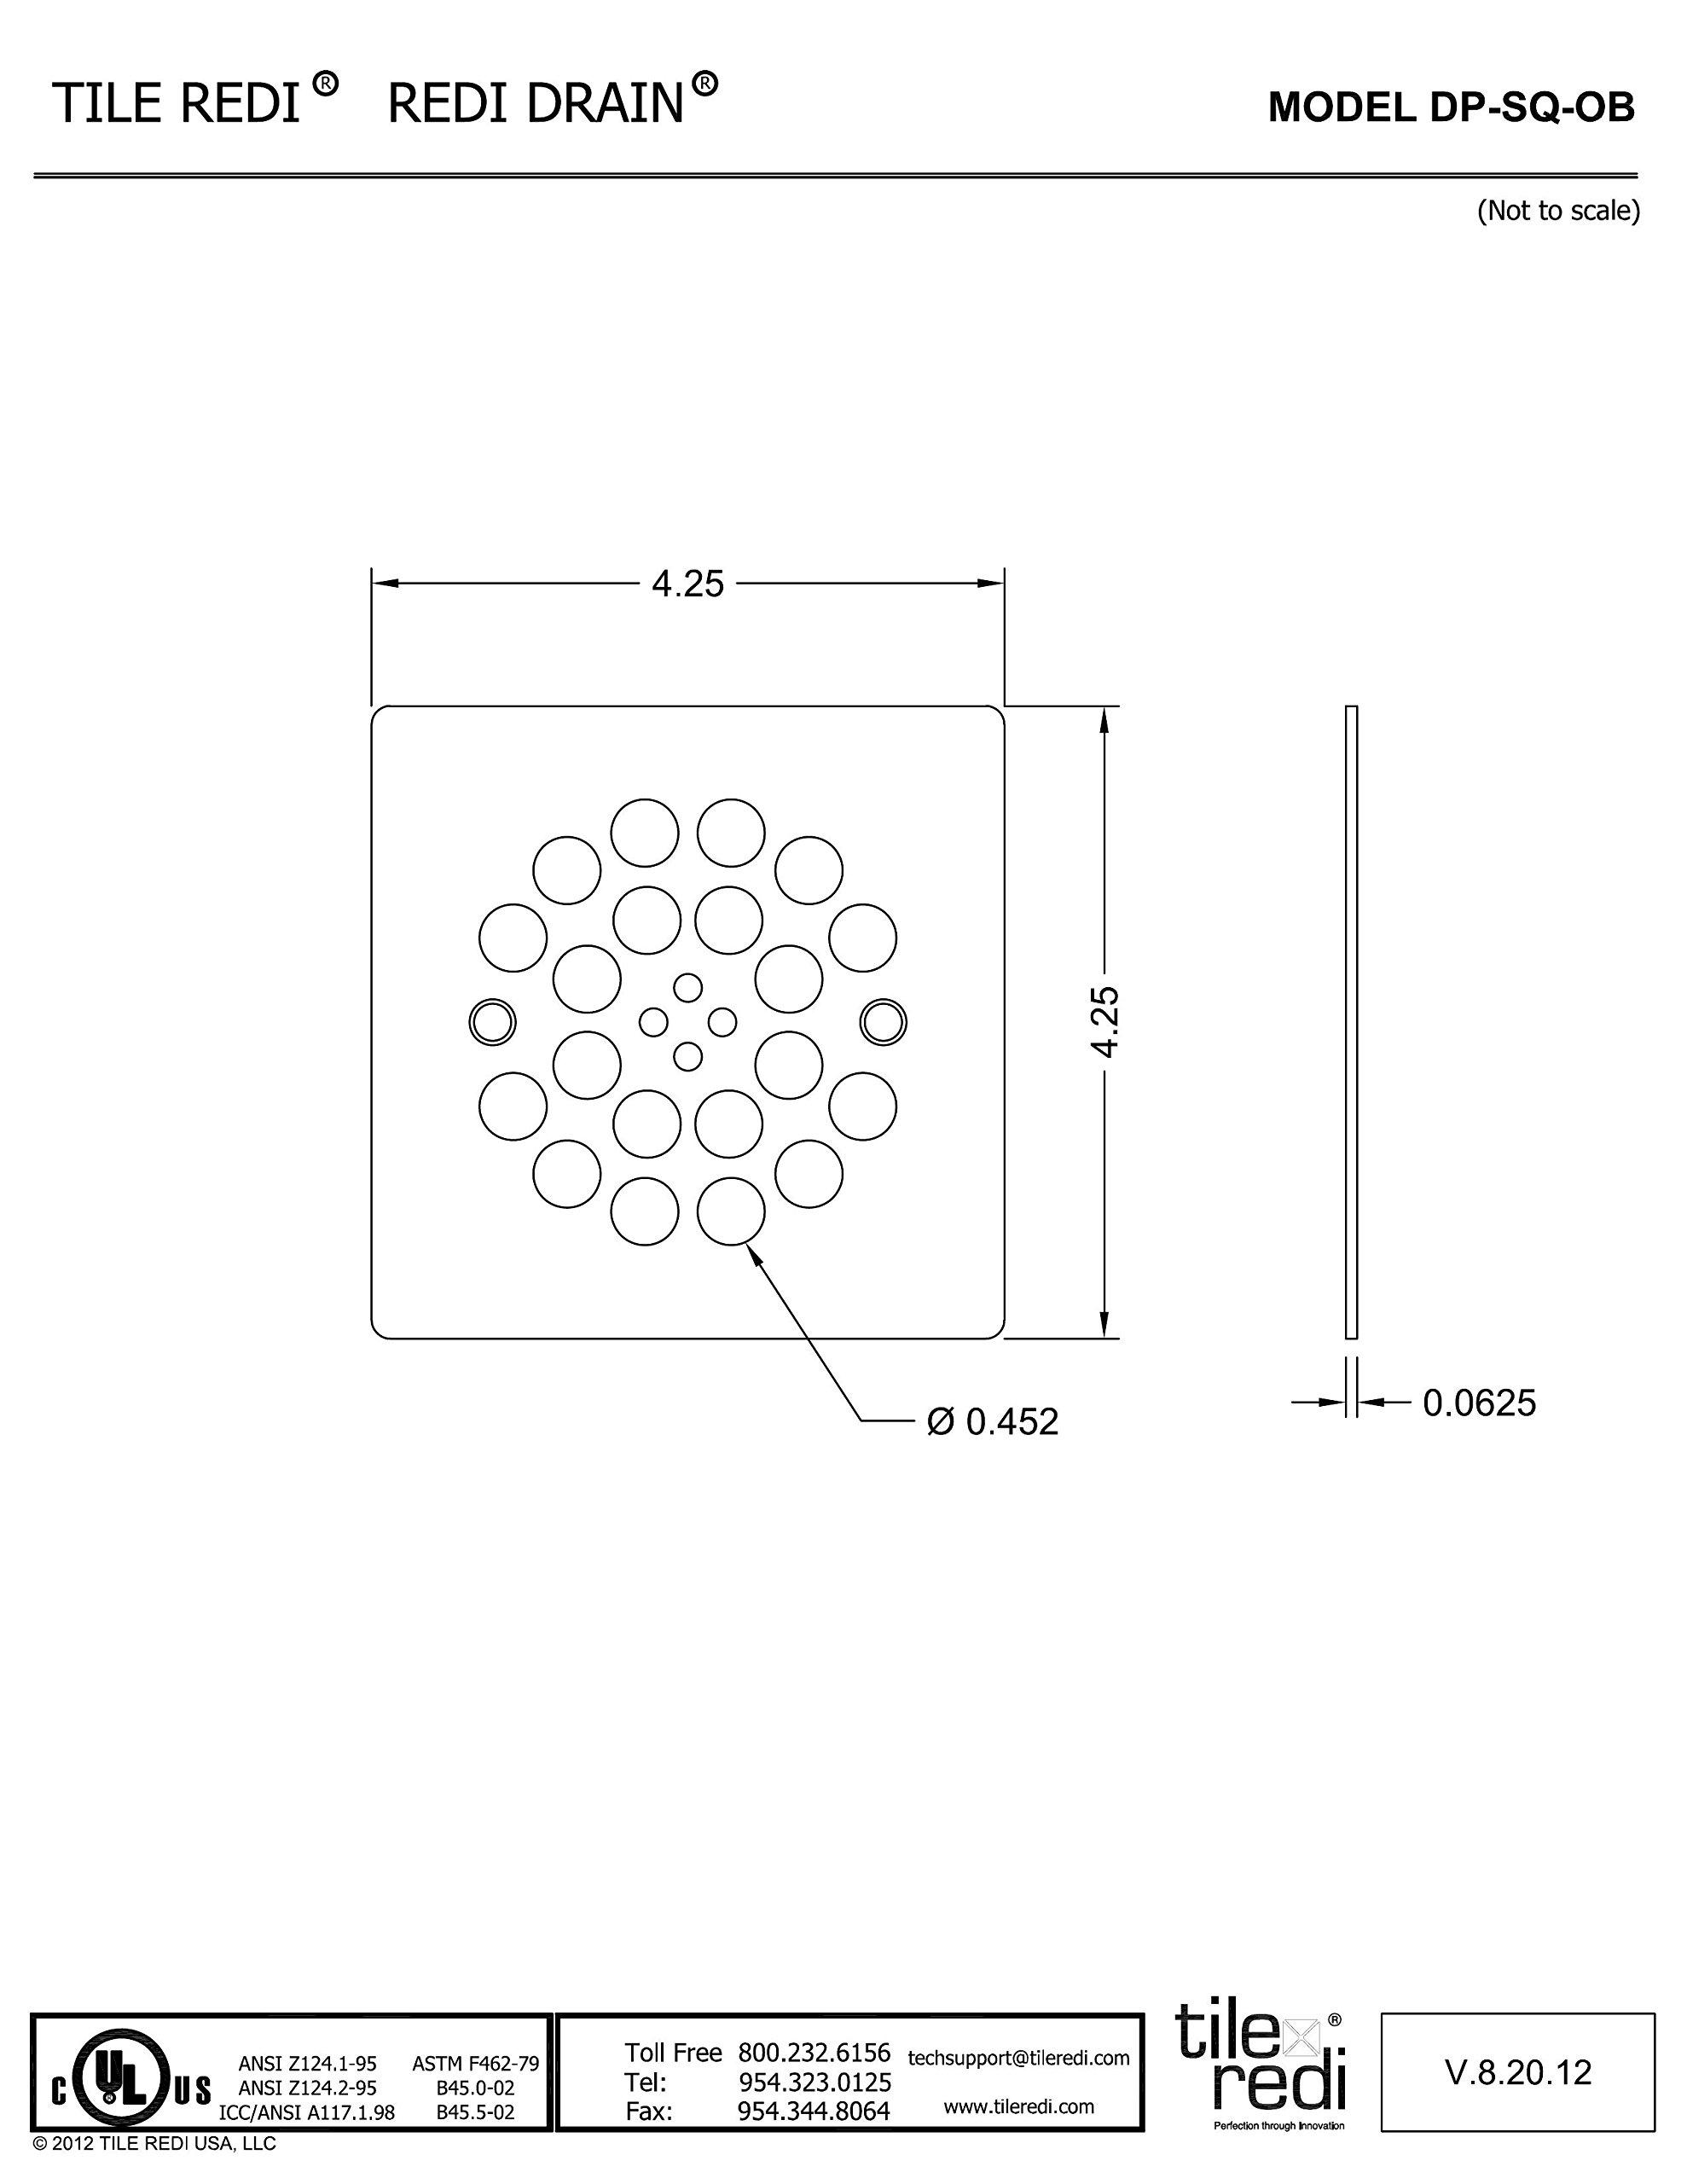 Tile Redi DP-SQ-OB Redi Drain Oil Rubbed Bronze Square Drain Plate, 4.25 Inches